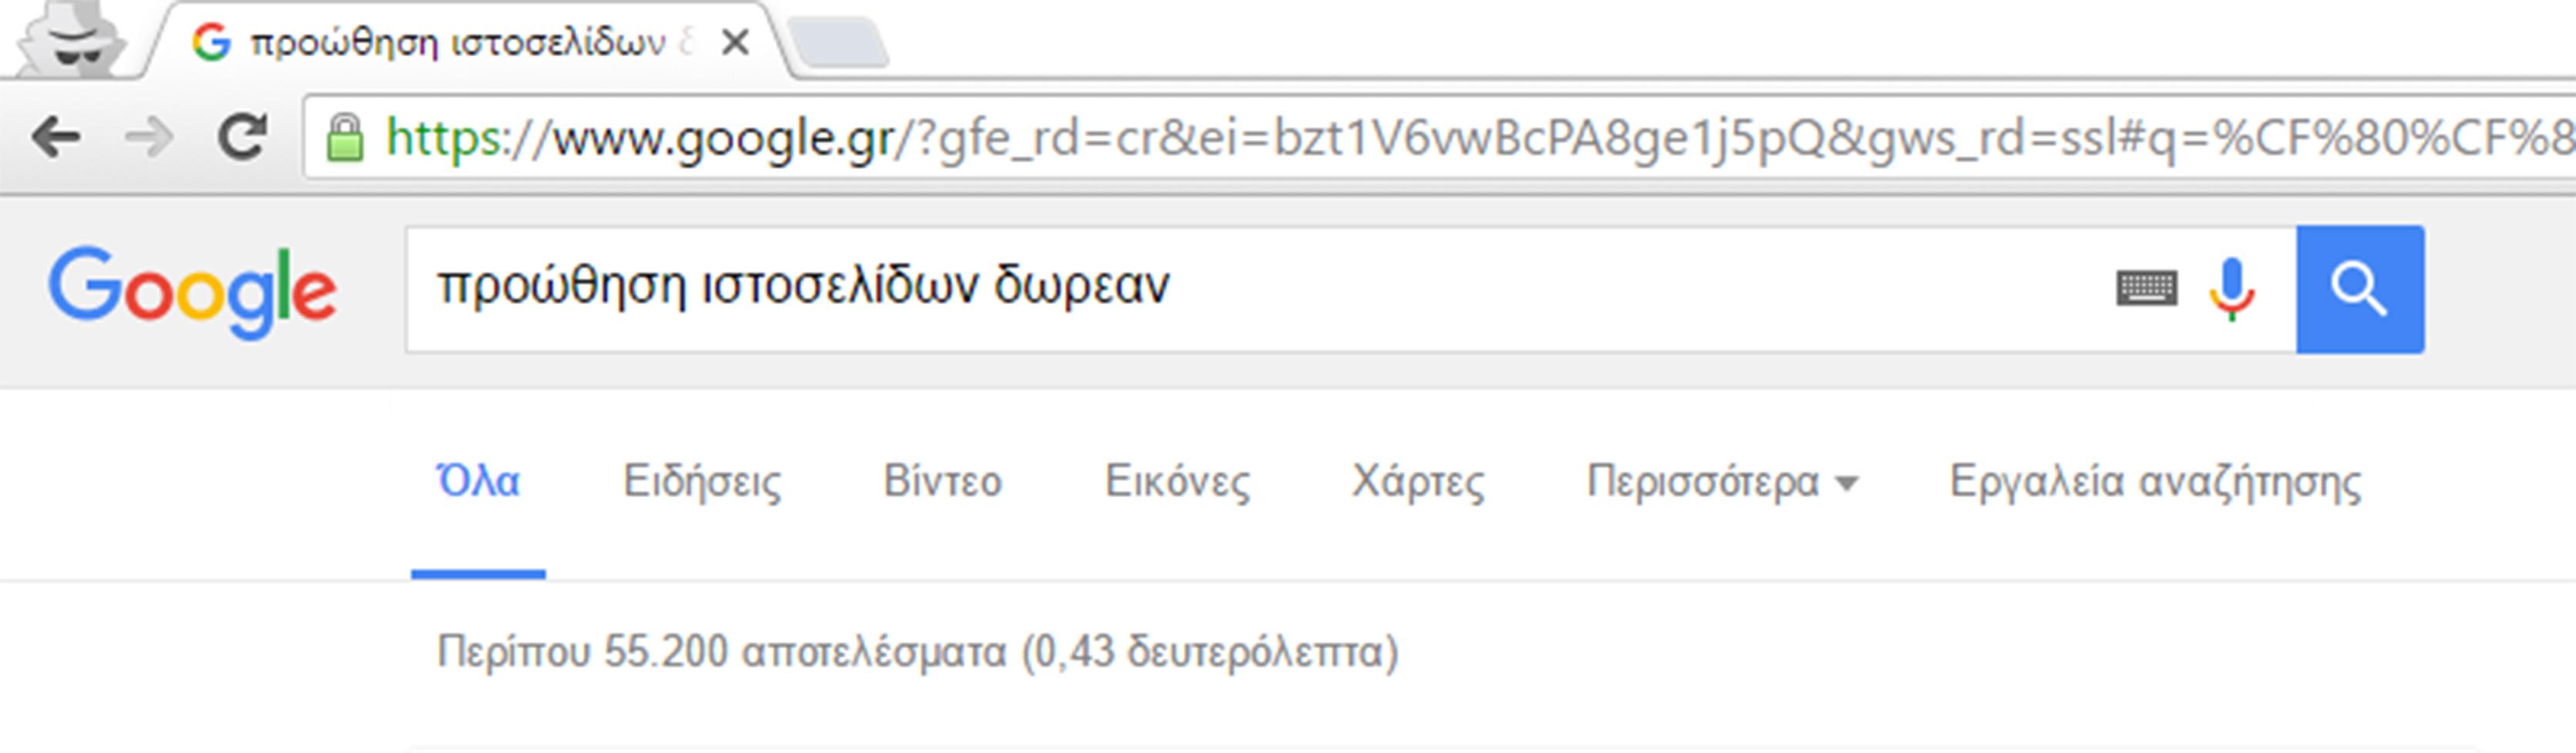 Εικόνα 6 Αποτελέσματα αναζήτησης για τη φράση «προώθηση ιστοσελίδων δωρεάν».